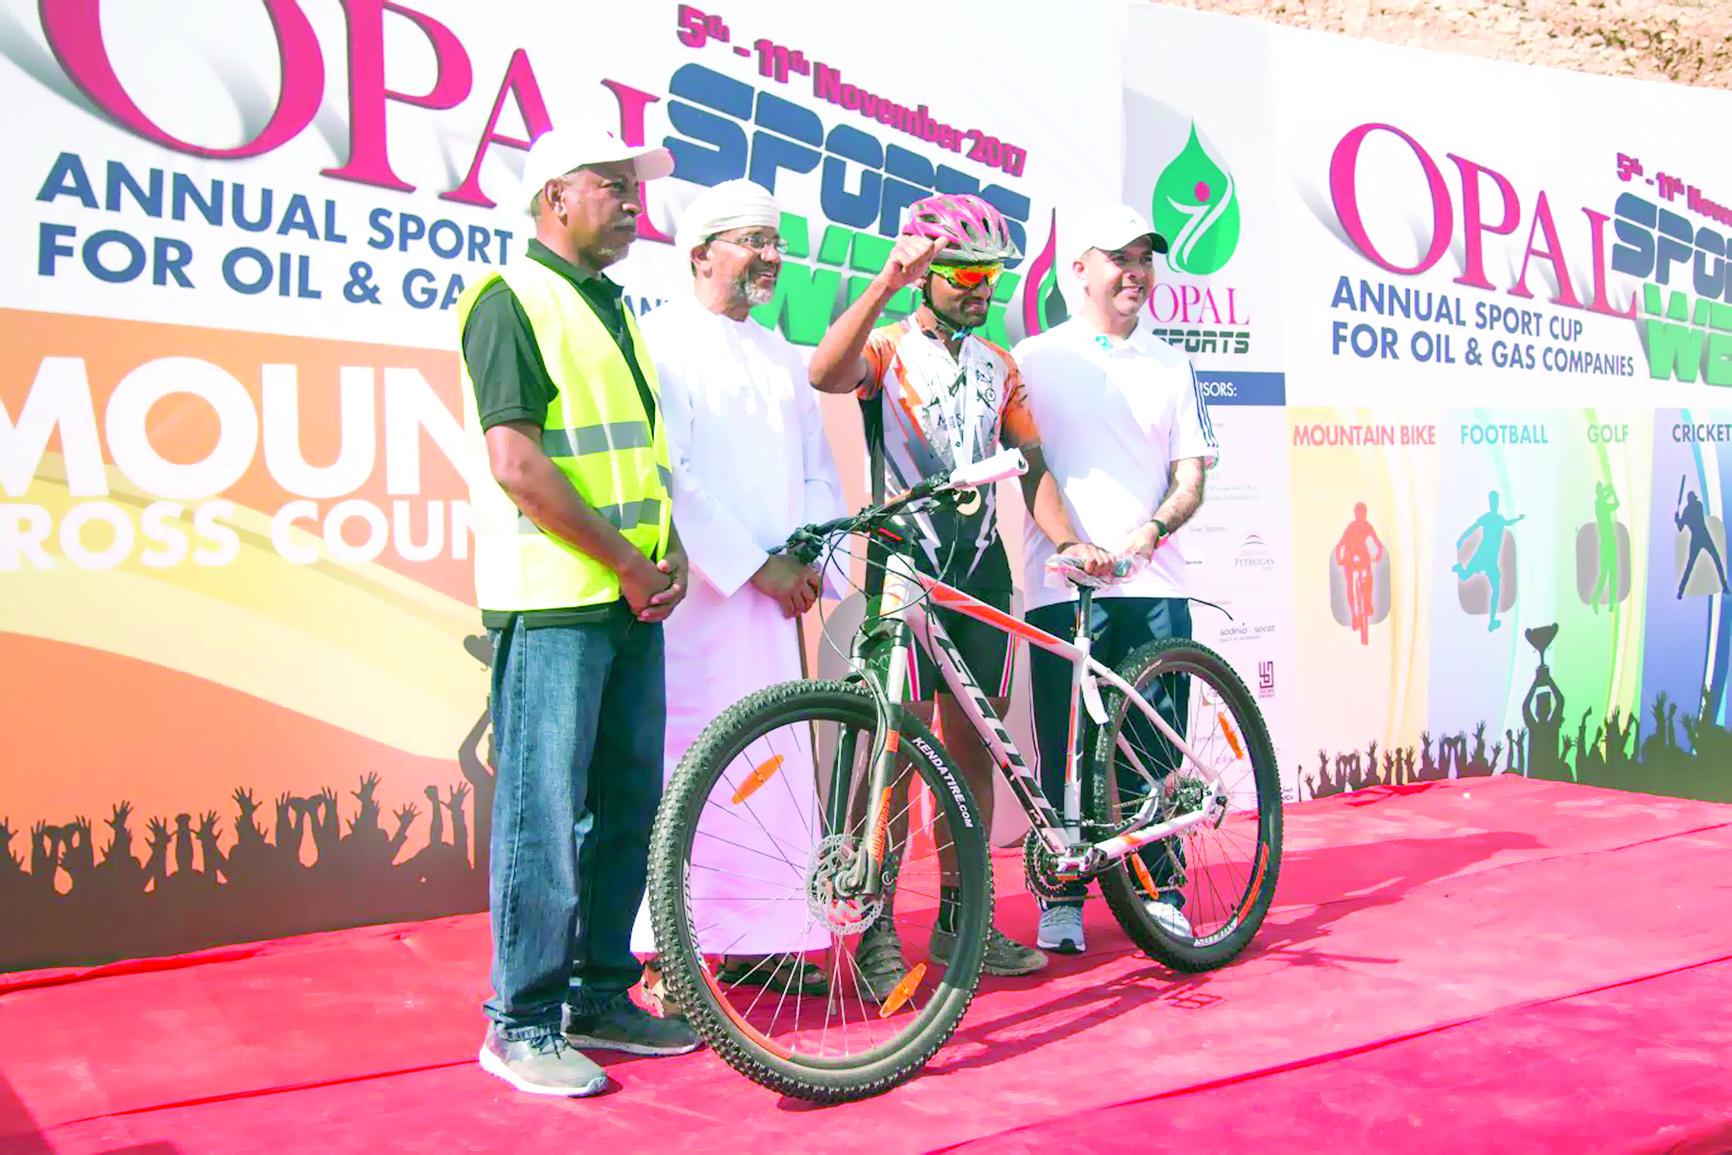 البلوشي بطلاً لضاحية دراجات «أوبال»